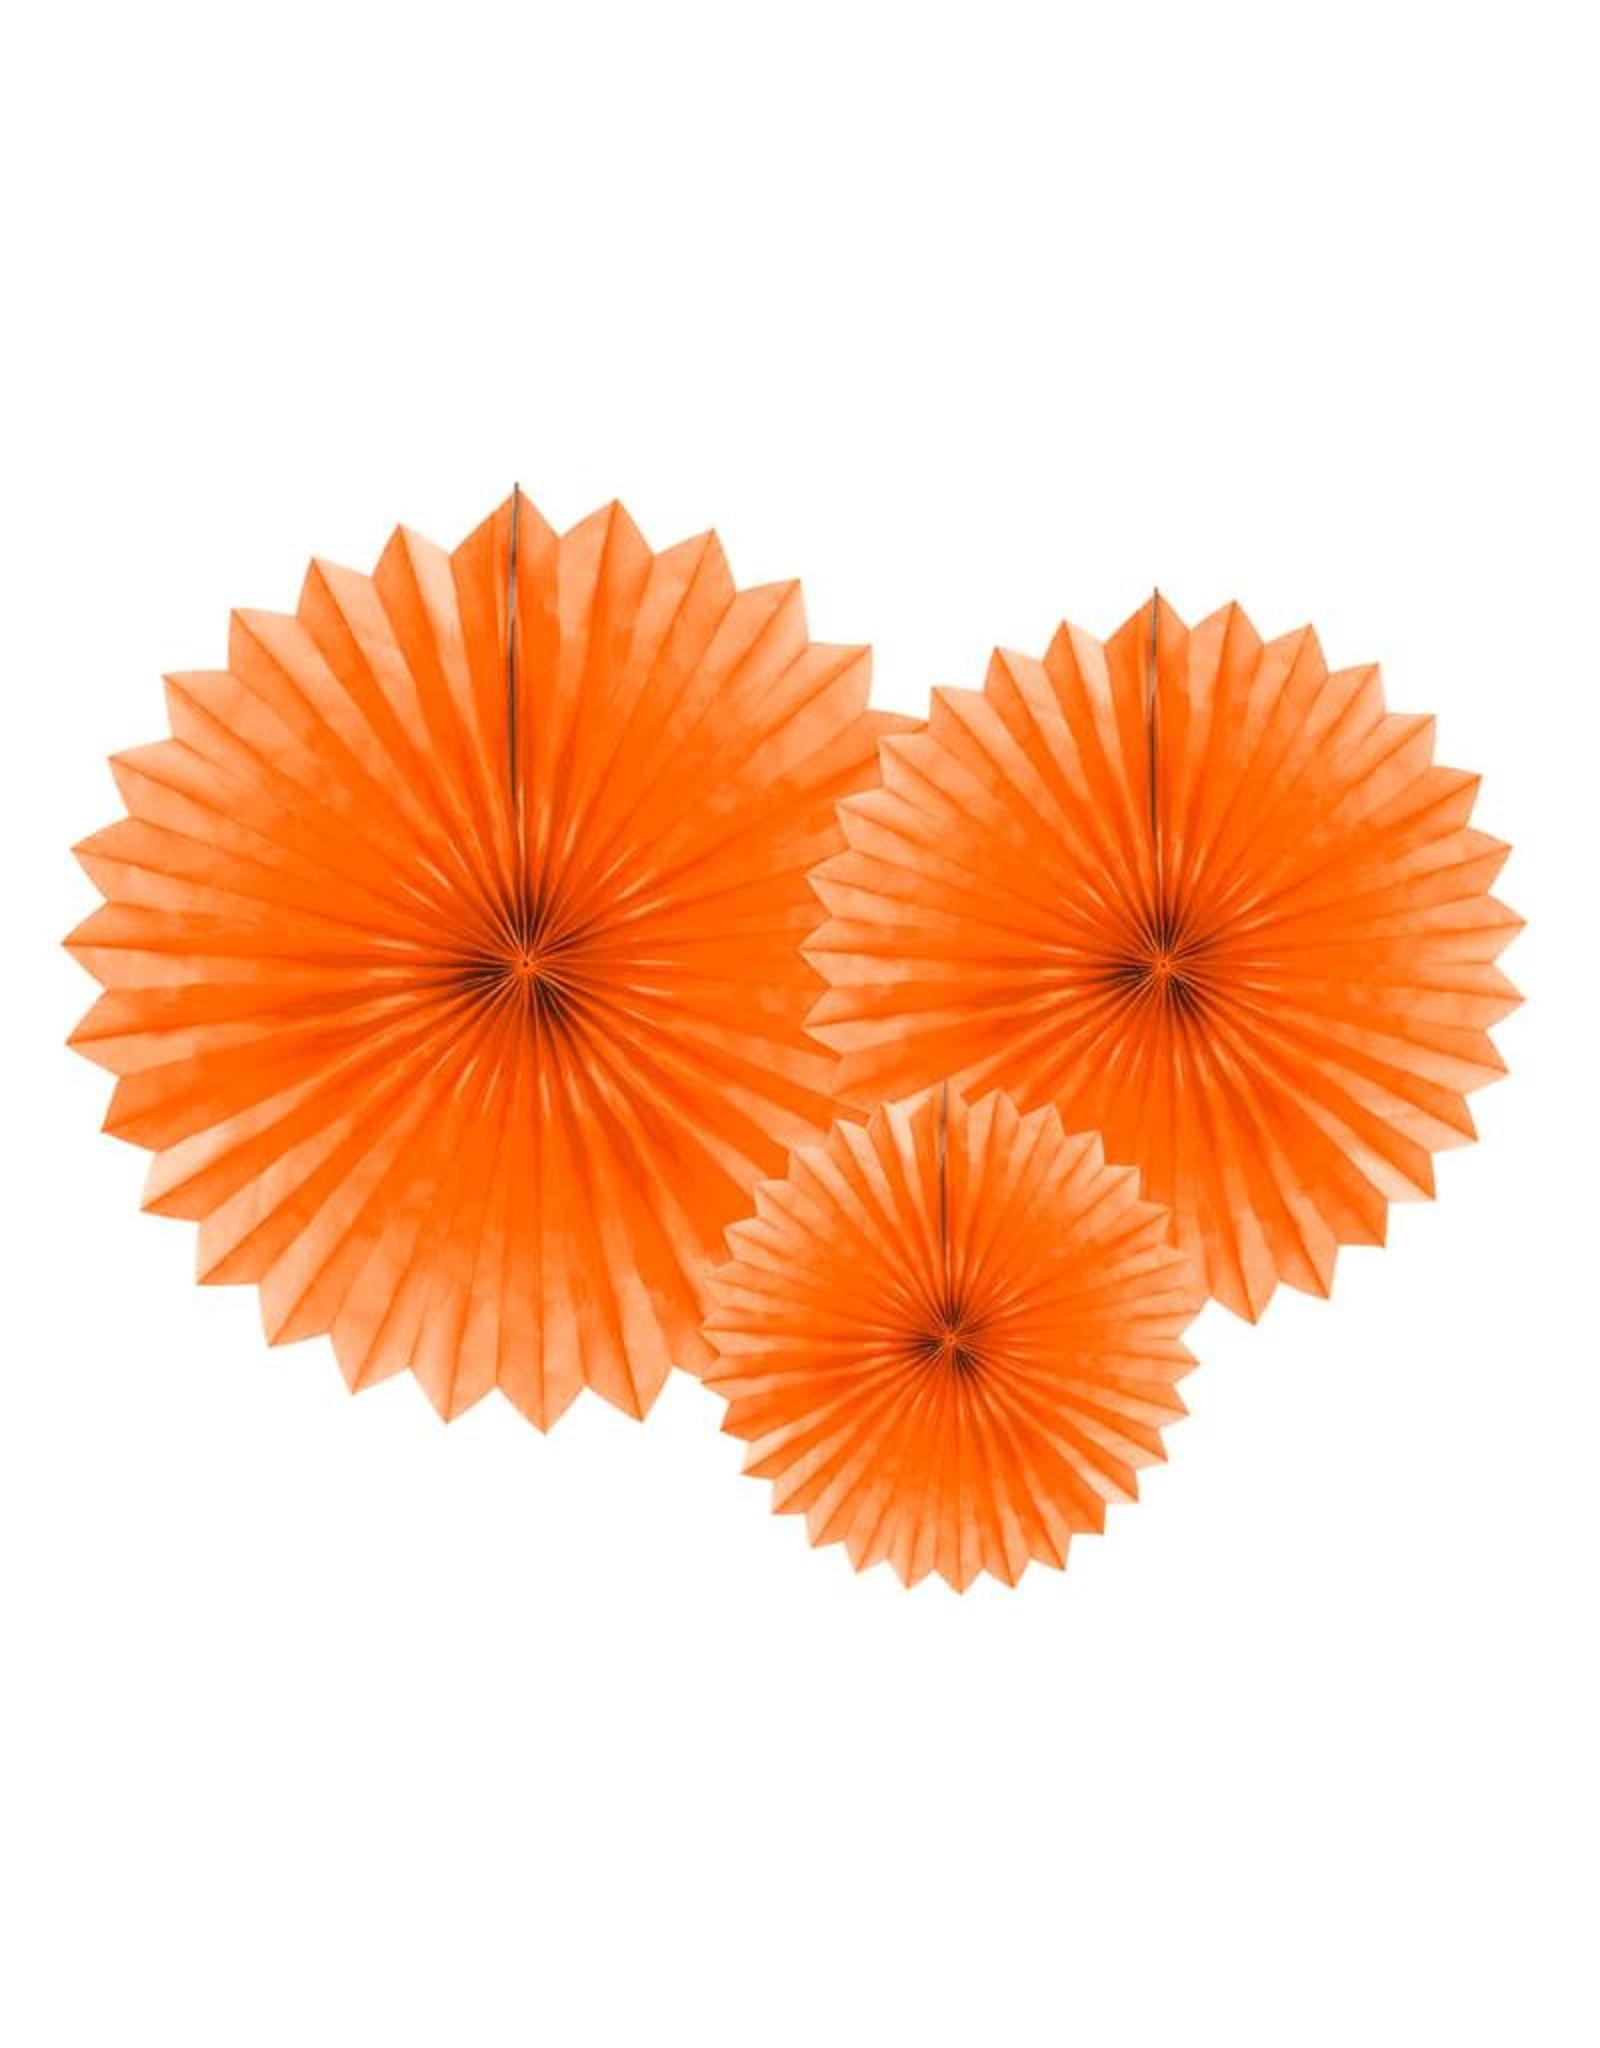 PartyDeco Papieren waaiers 'Tissue fans' oranje | 3 stuks